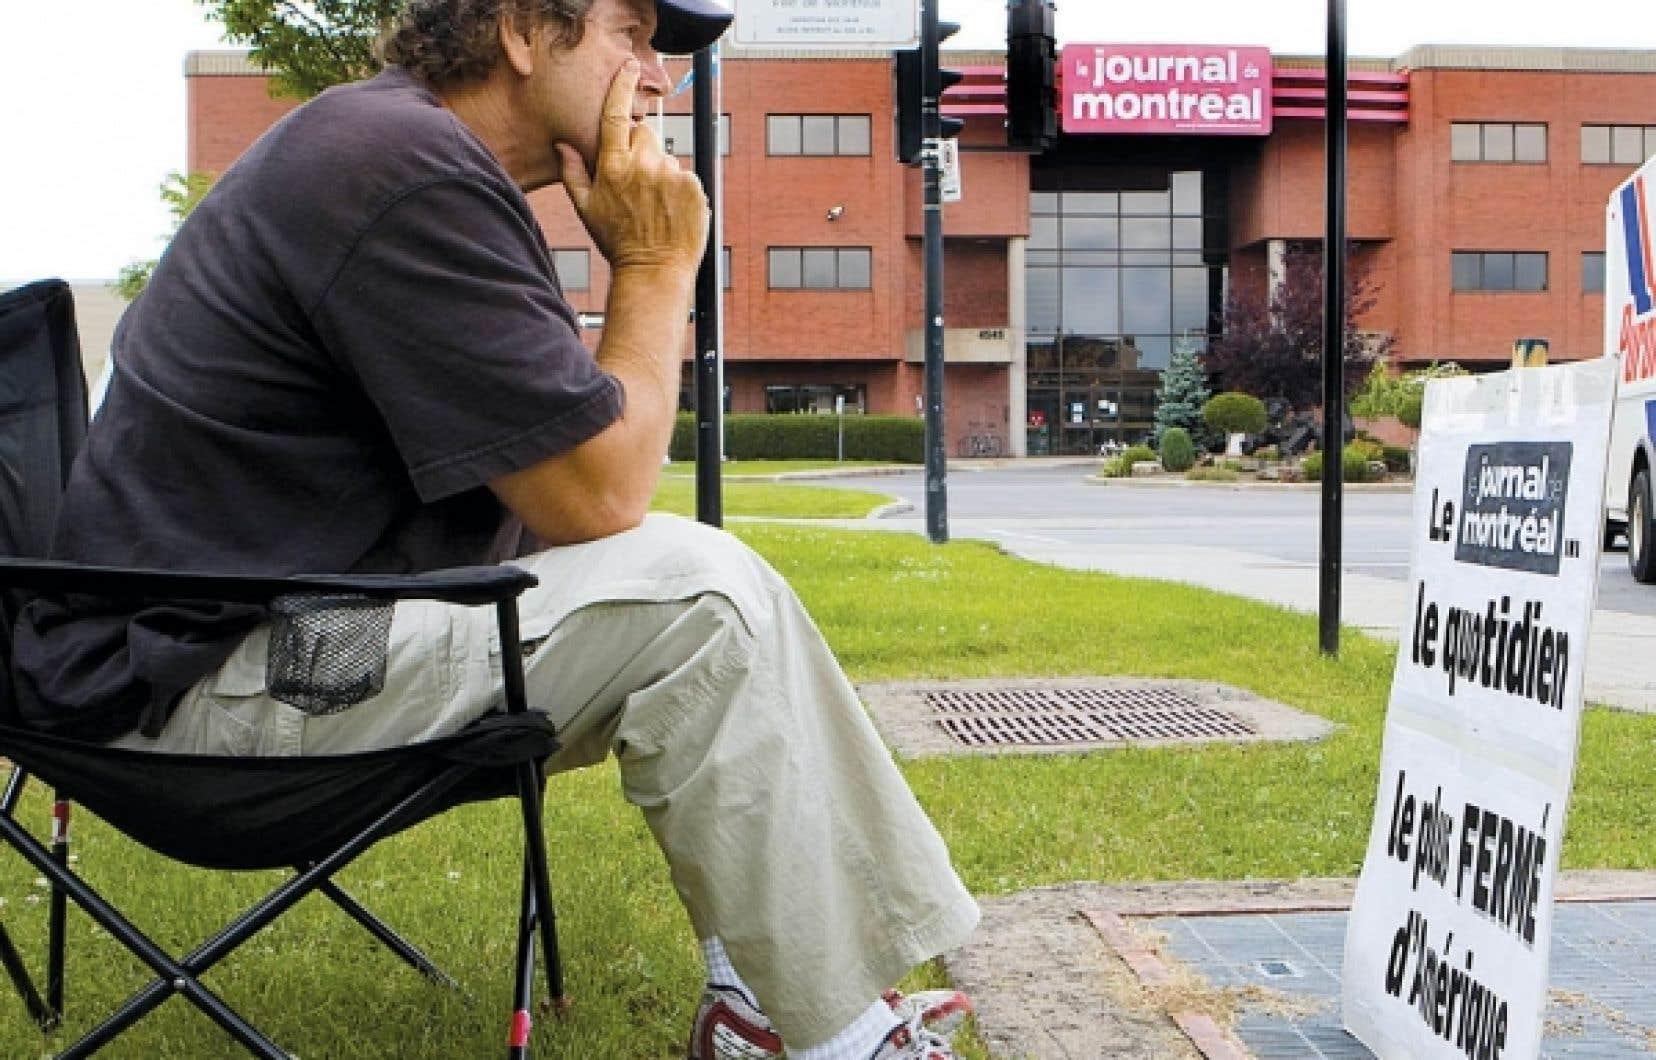 Jacques Bourdon est photographe au Journal de Montréal depuis 42 ans et, depuis près de deux ans, il attend sur le trottoir que son employeur mette fin au lock-out.<br />